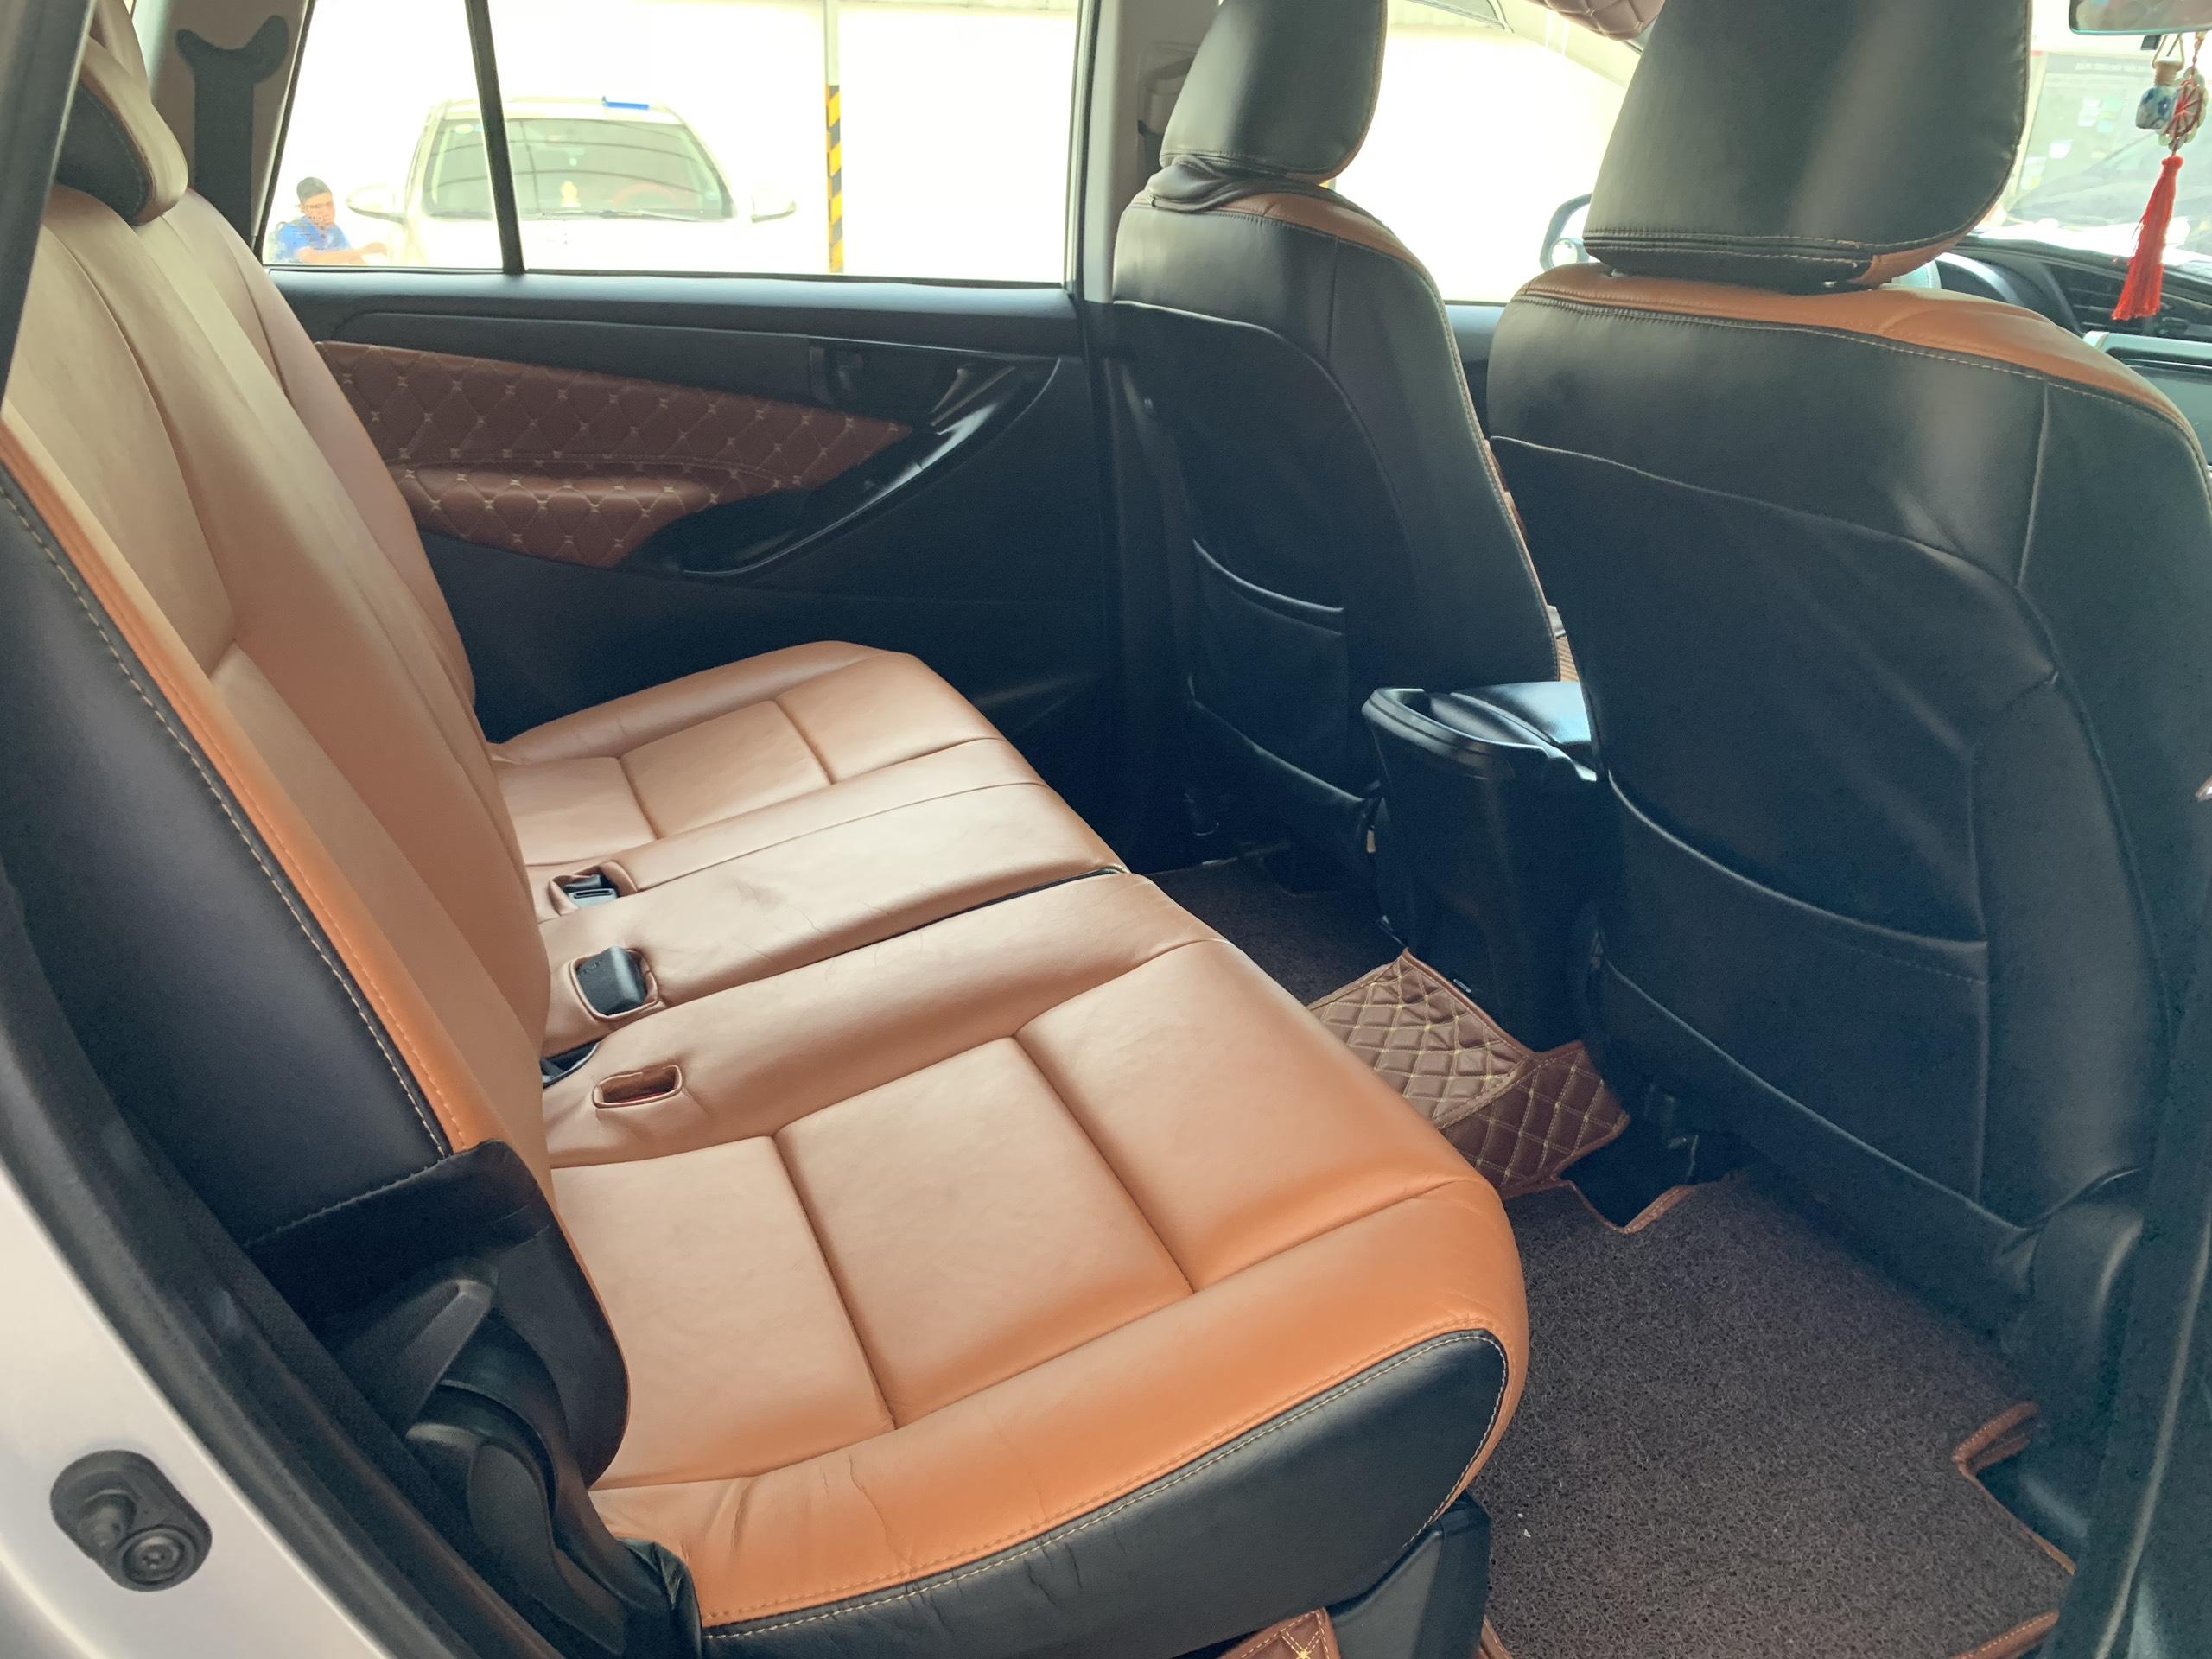 Bán xe Innova E đời 2016, màu bạc, đẹp như gái 18t , chạy được 43 000km , nội thất 3D. Hót duy nhất một chiếc